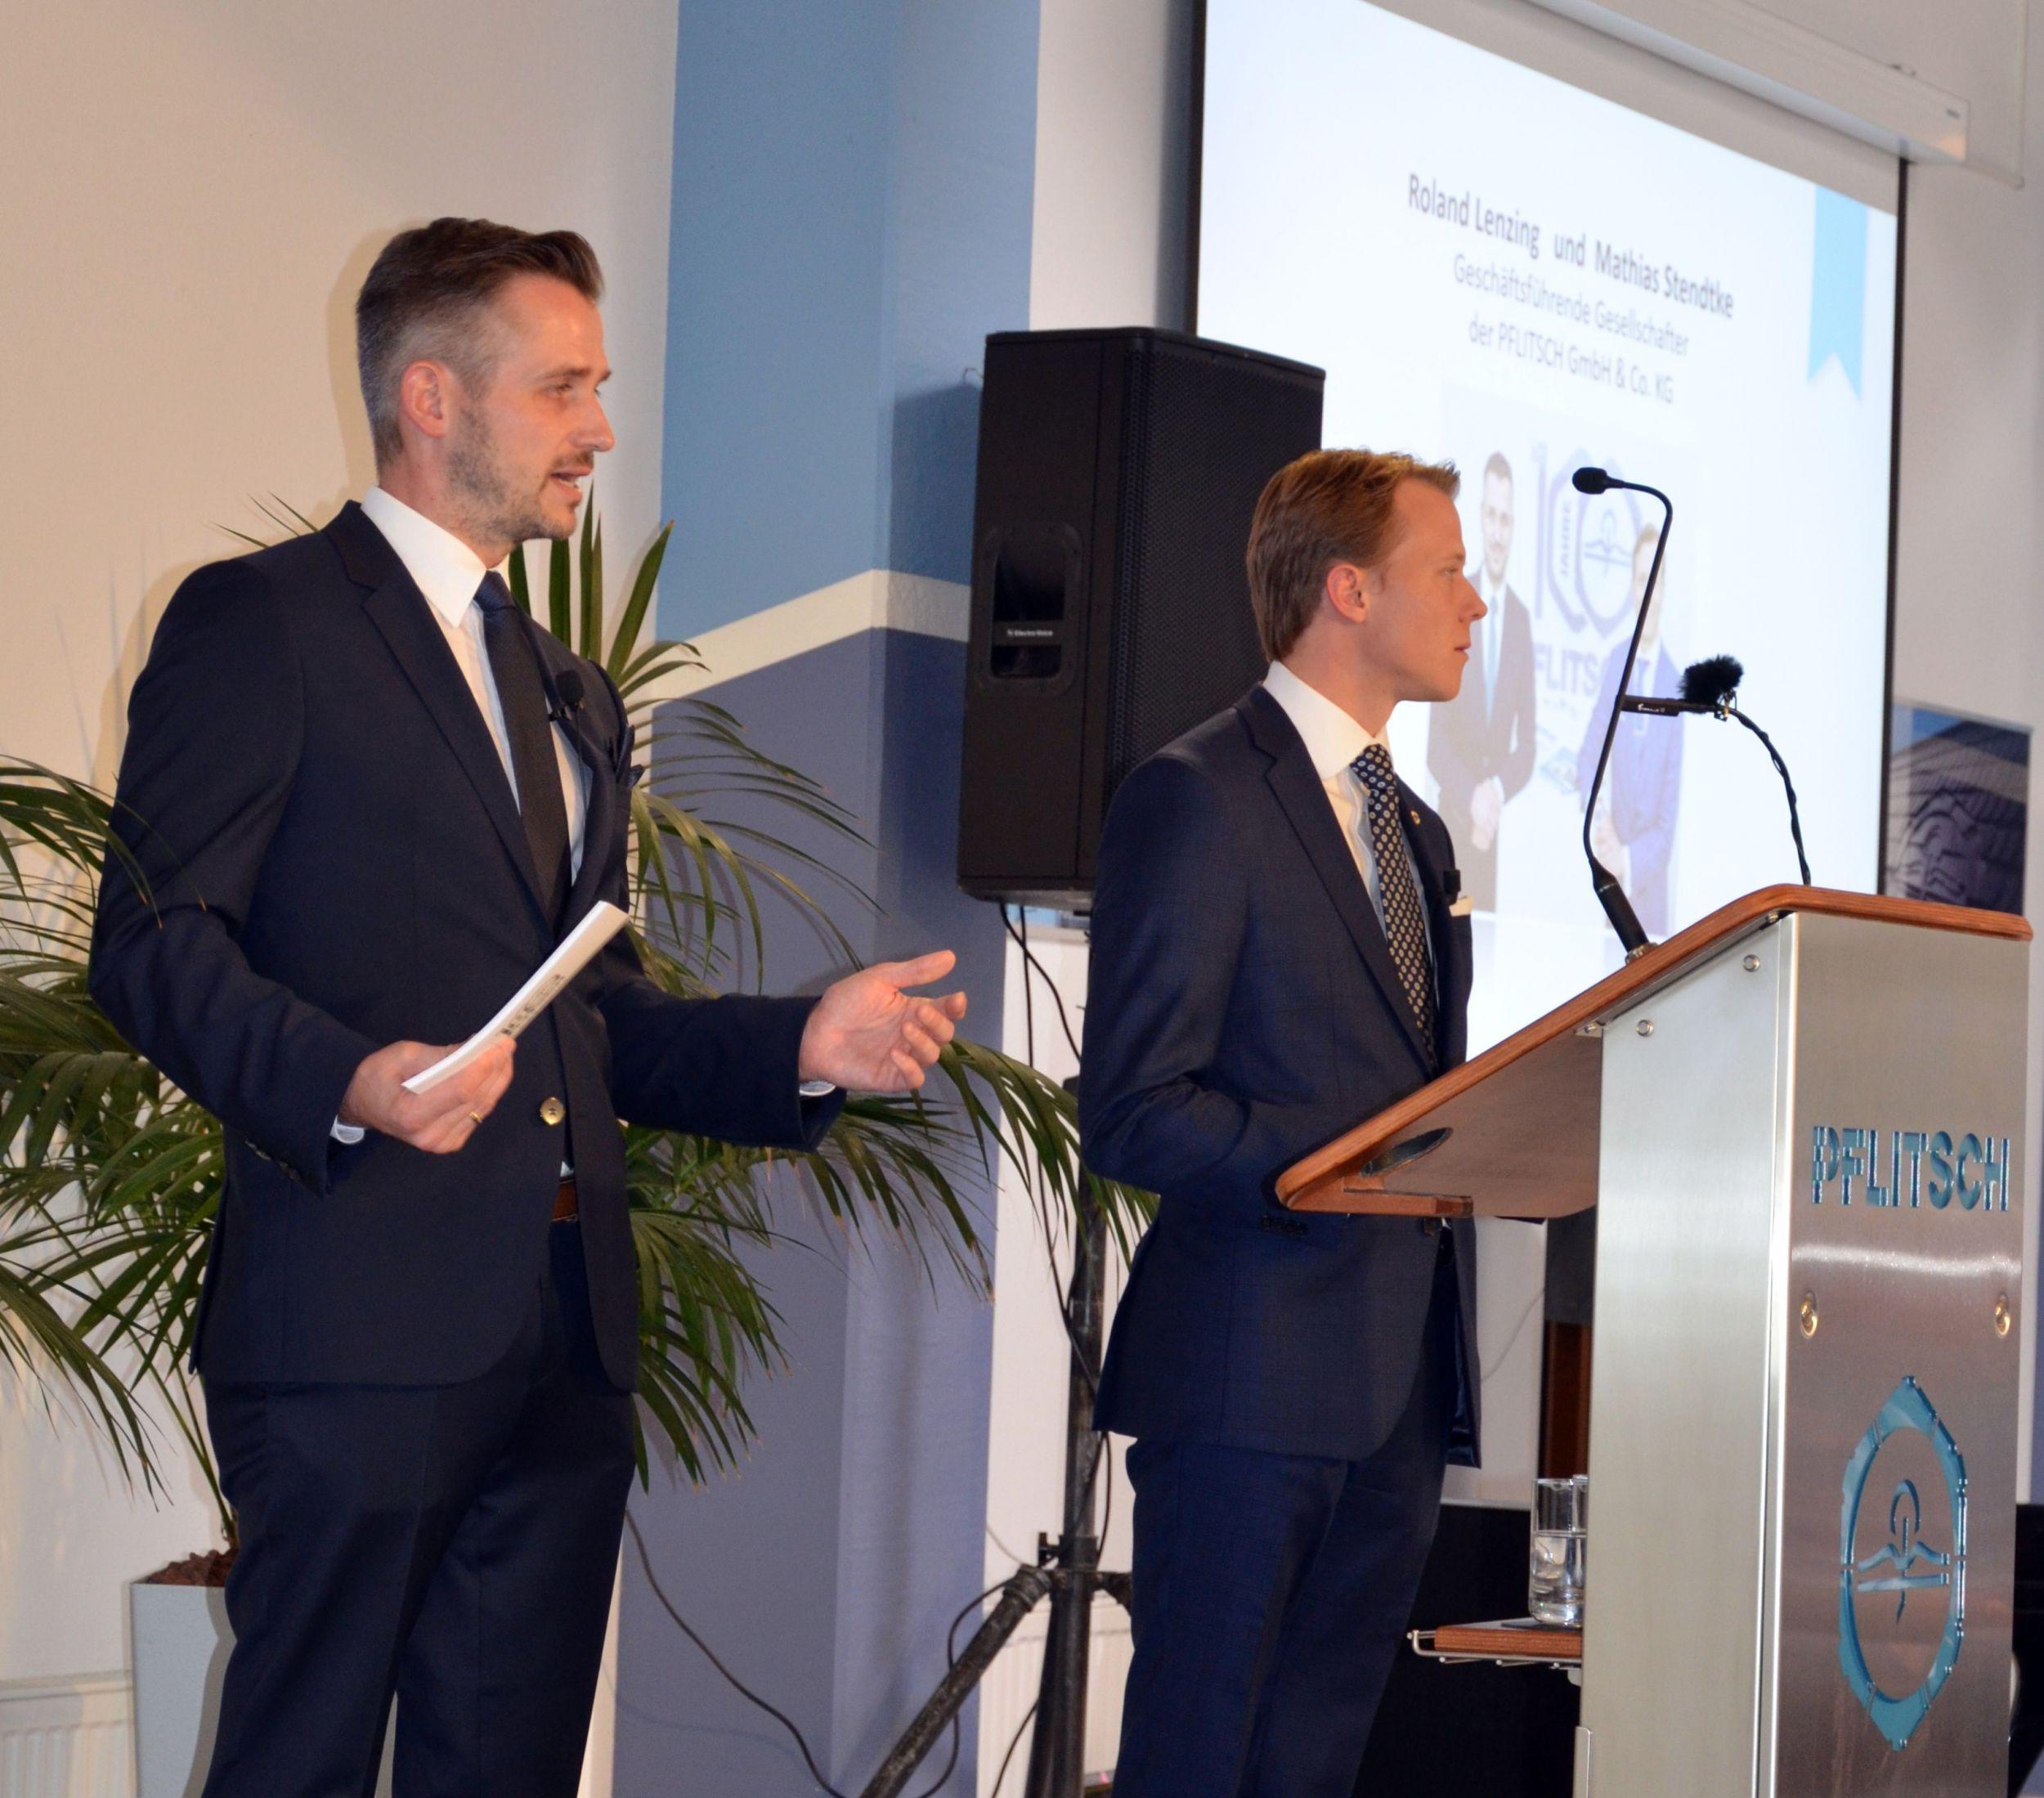 In der vierten Generation führen Roland Lenzing (links im Bild) und Mathias Stendtke das Familienunternehmen Pflitsch. (Bild: TeDo Verlag GmbH)